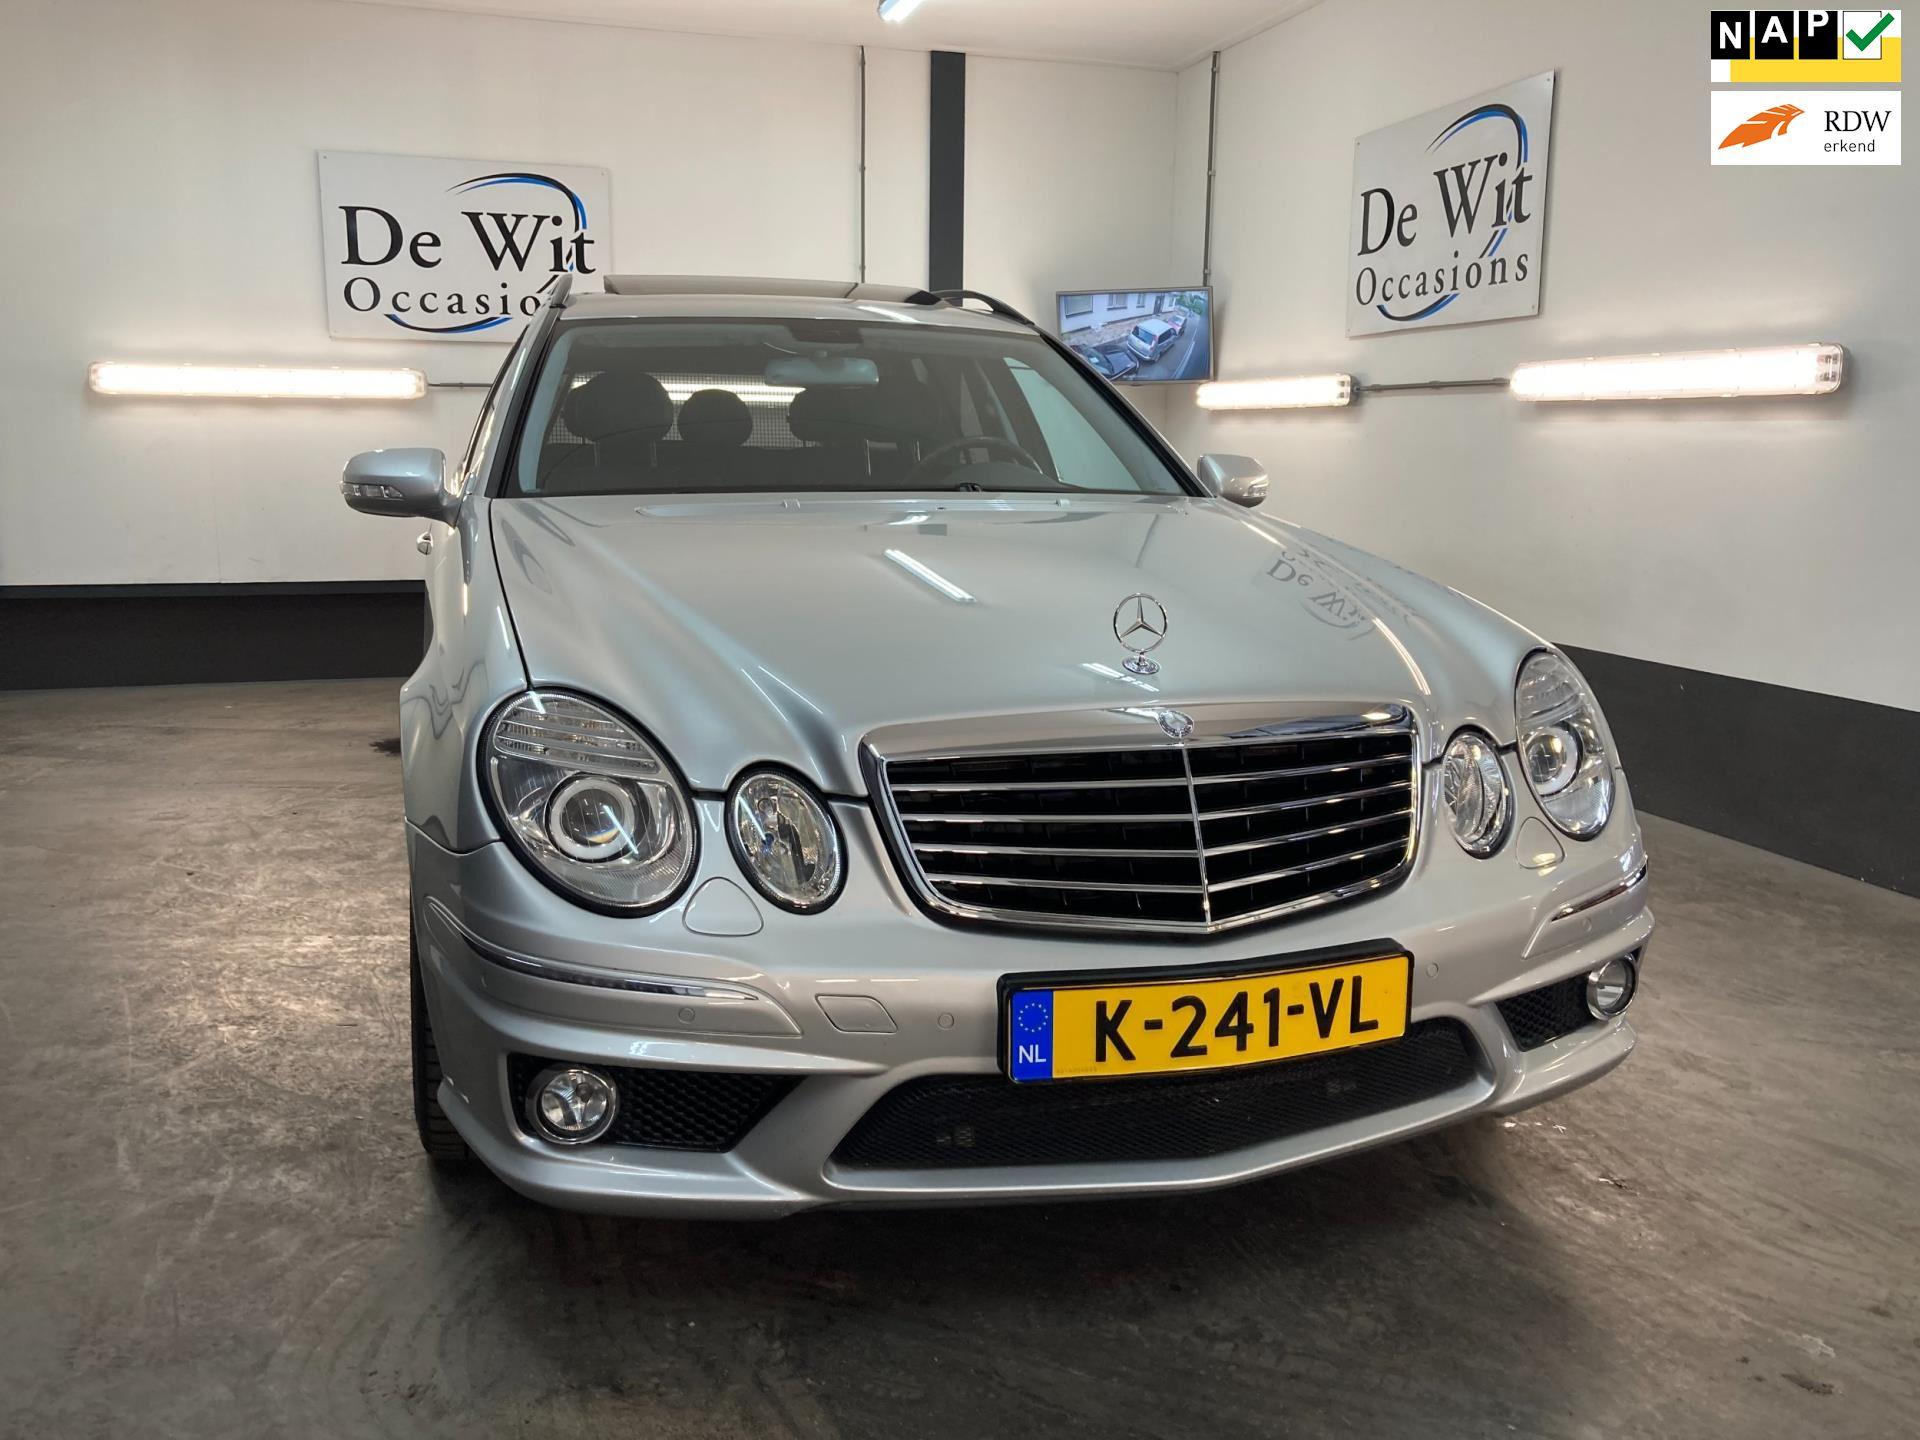 Mercedes-Benz E-klasse Combi occasion - De Wit Occasions